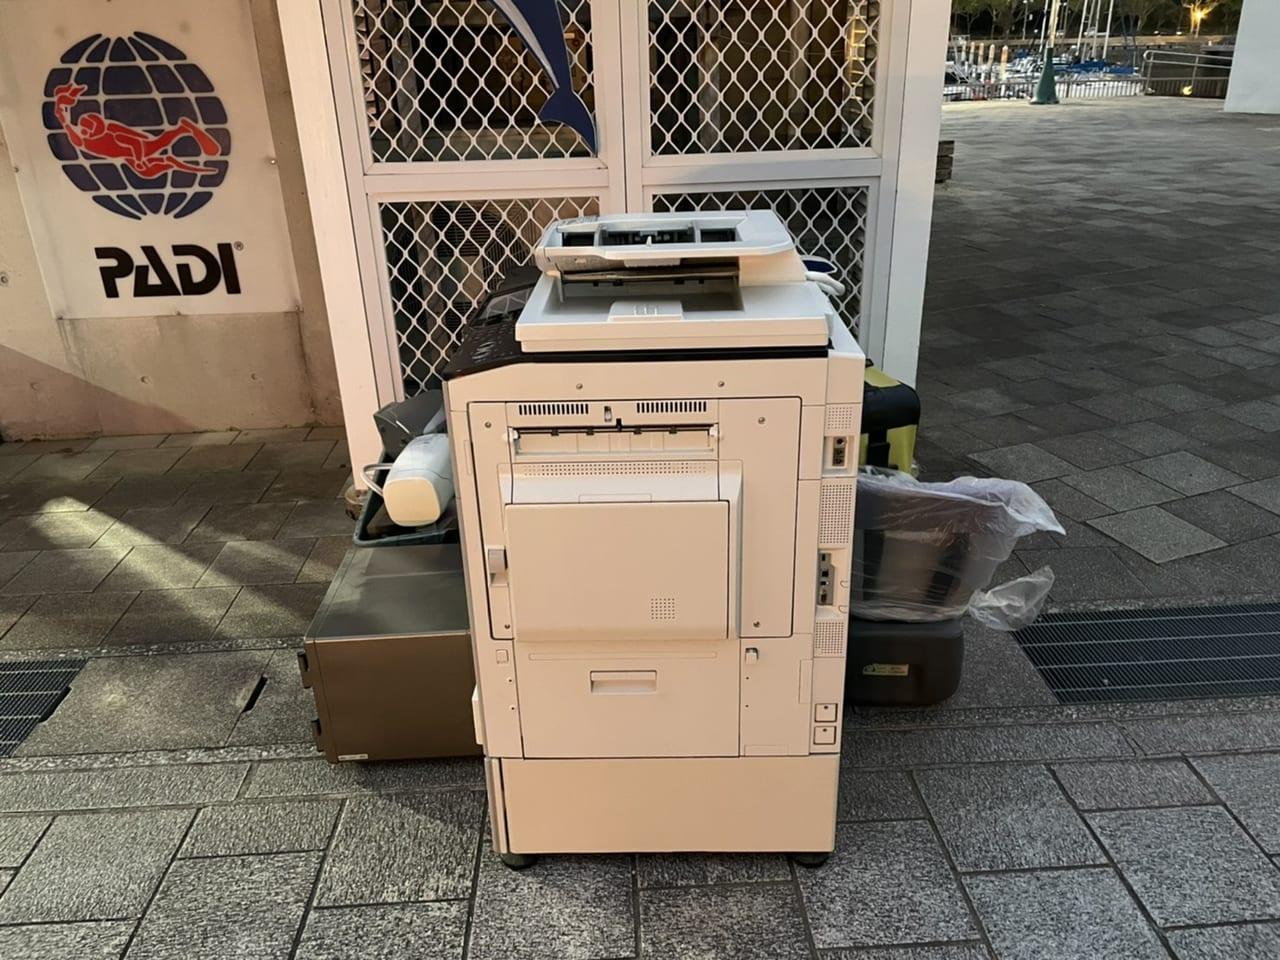 滋賀県大津市周辺不用品回収前画像